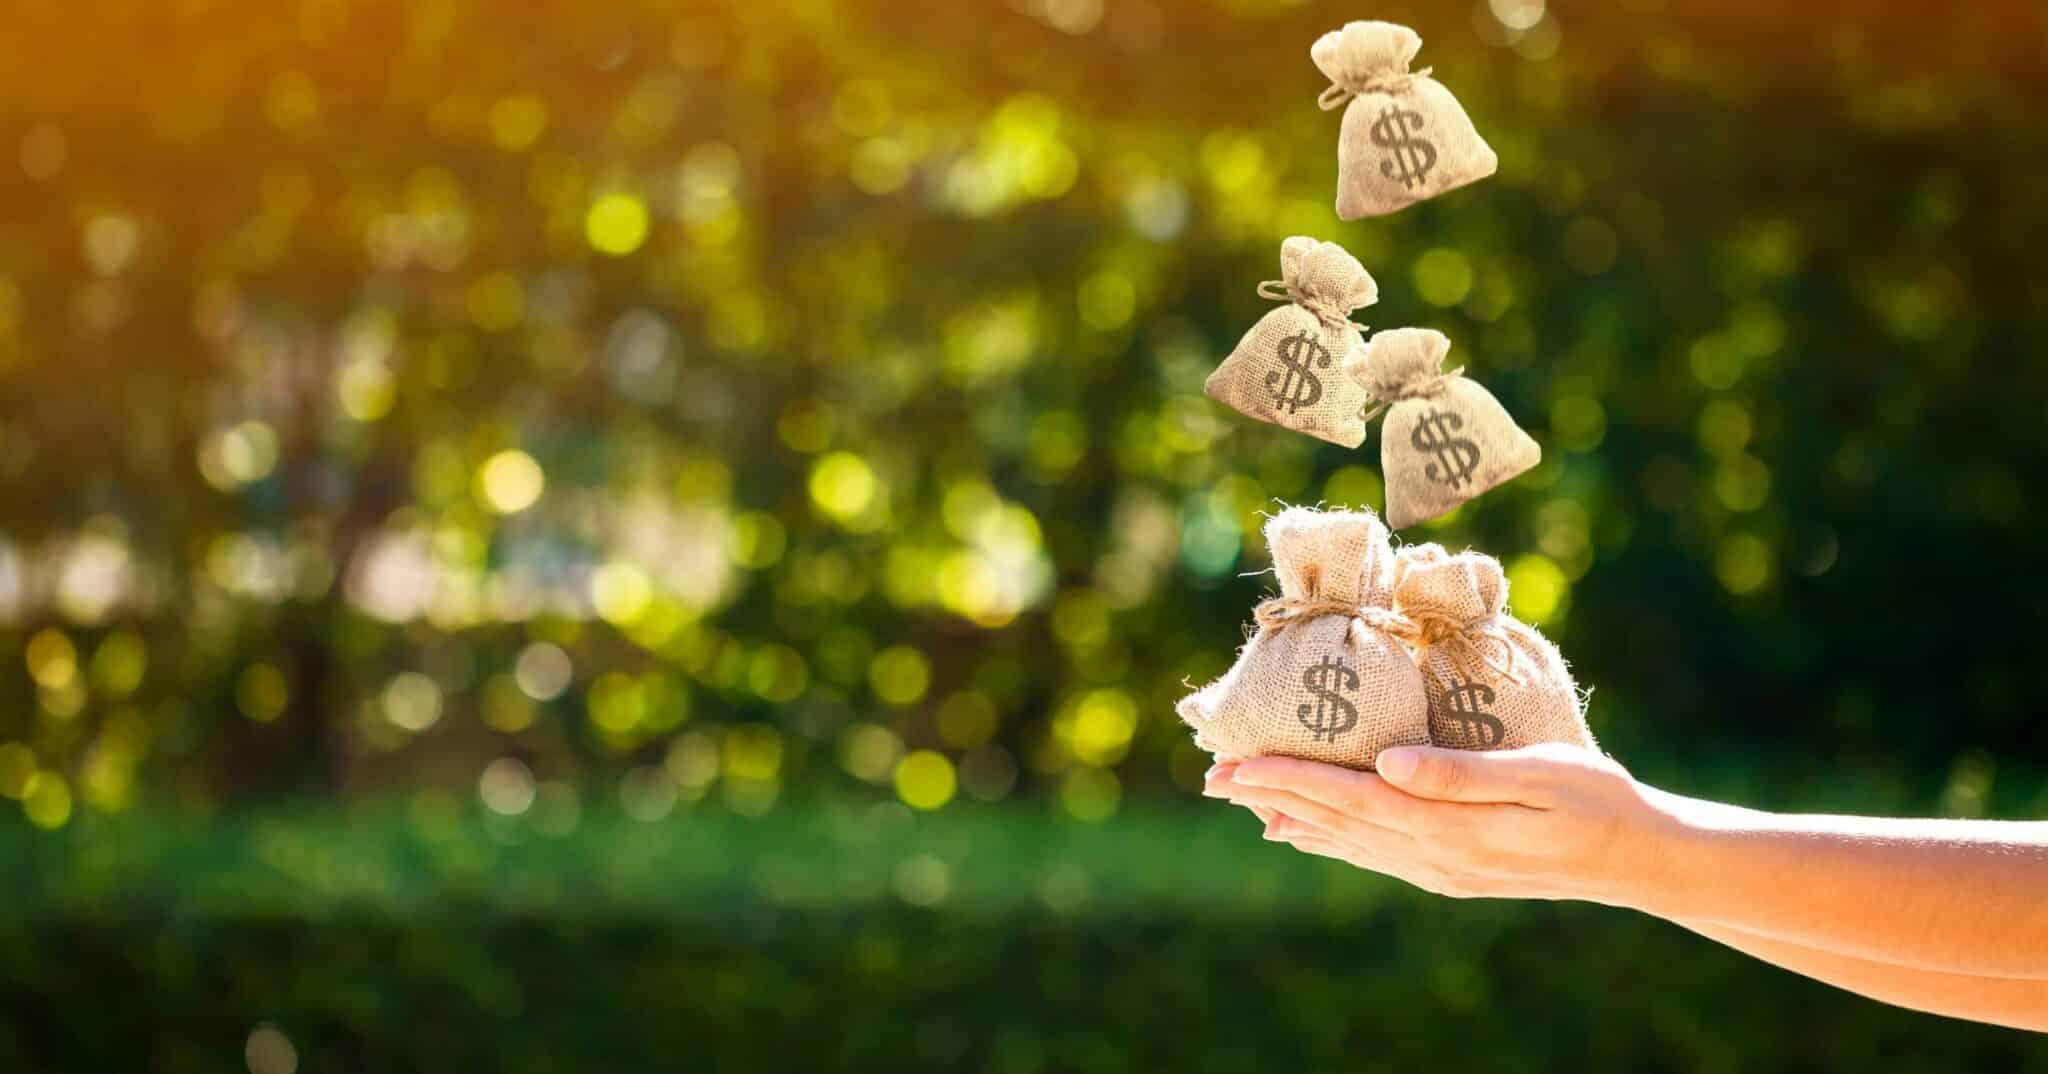 fundos de previdência privada como funcionam